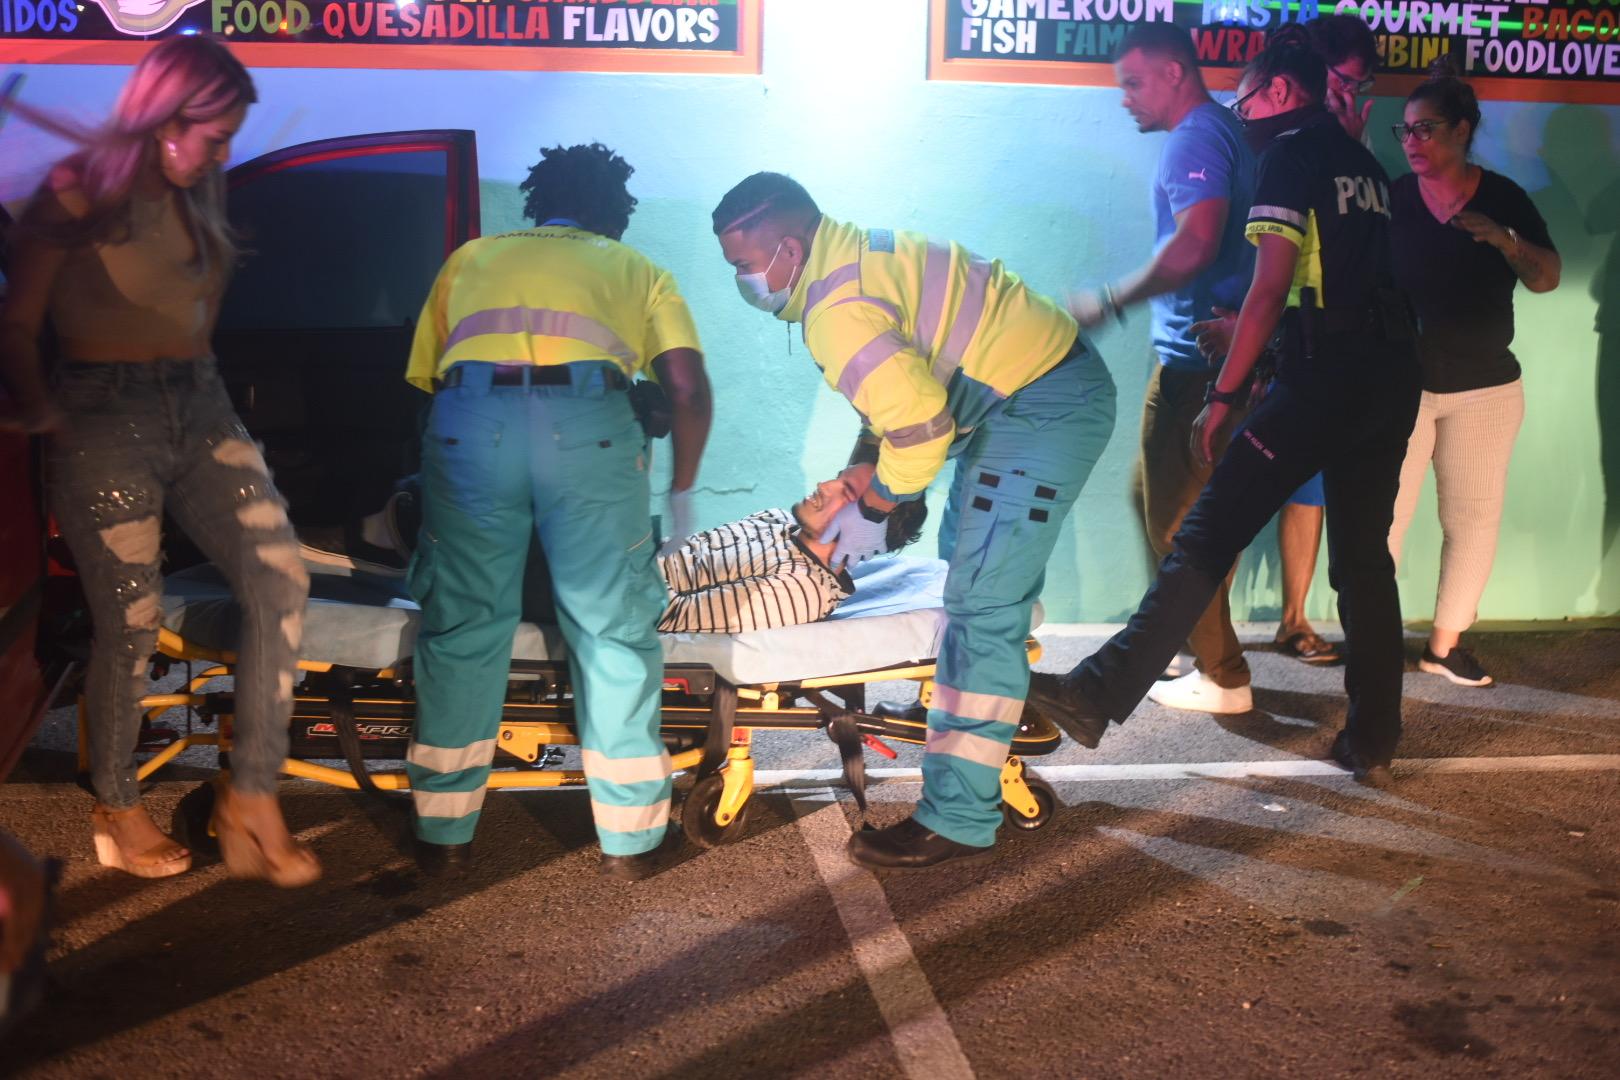 Accidente straño: Chauffeur ta bay dal riba muraya den parkinglot